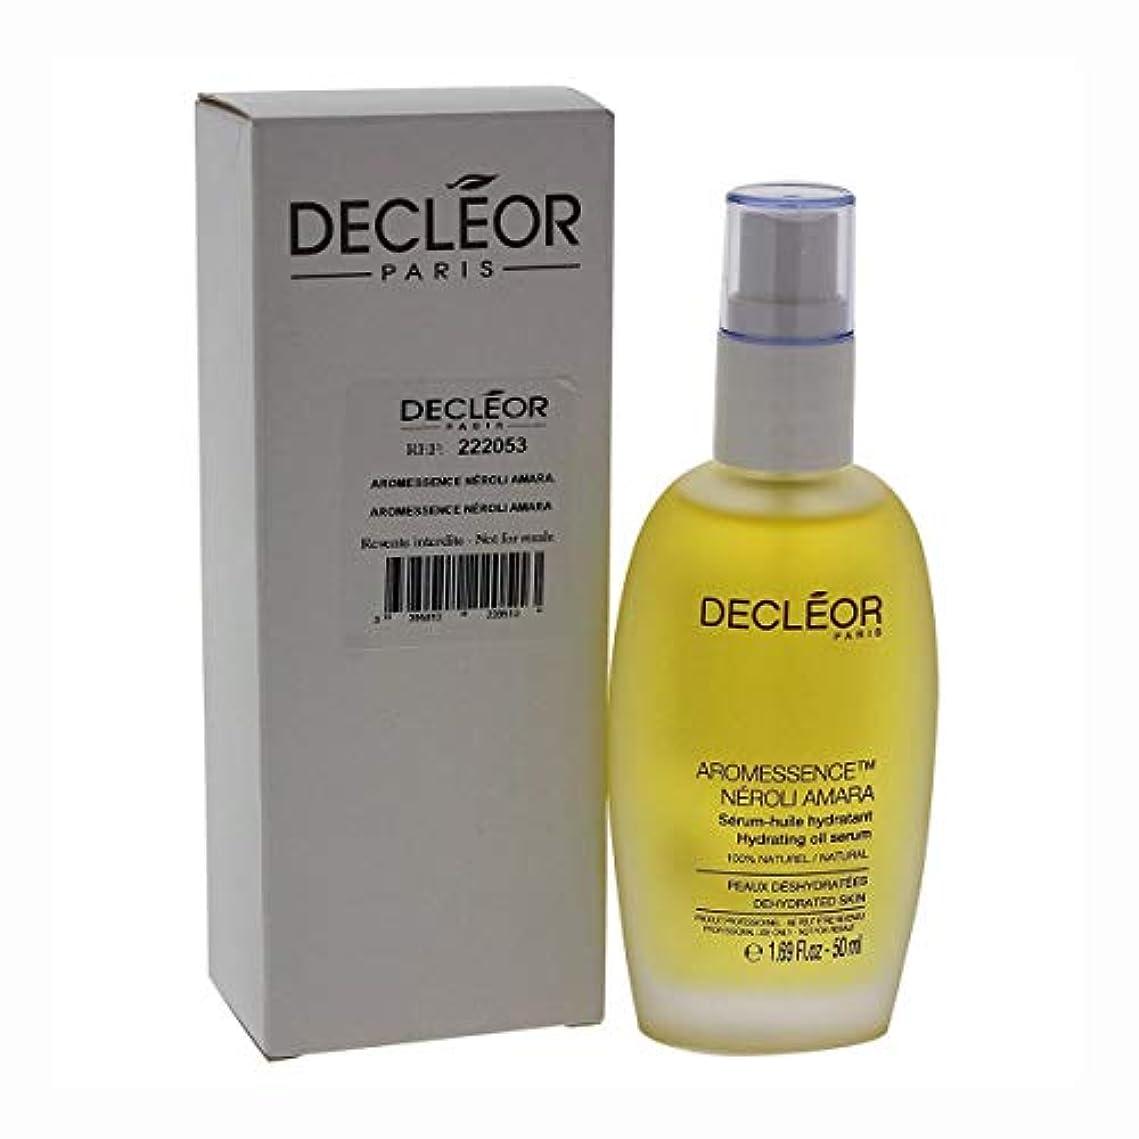 低いテキスト前置詞デクレオール Aromessence Neroli Amara Hydrating Oil Serum - For Dehydrated Skin (Salon Size) 50ml/1.69oz並行輸入品